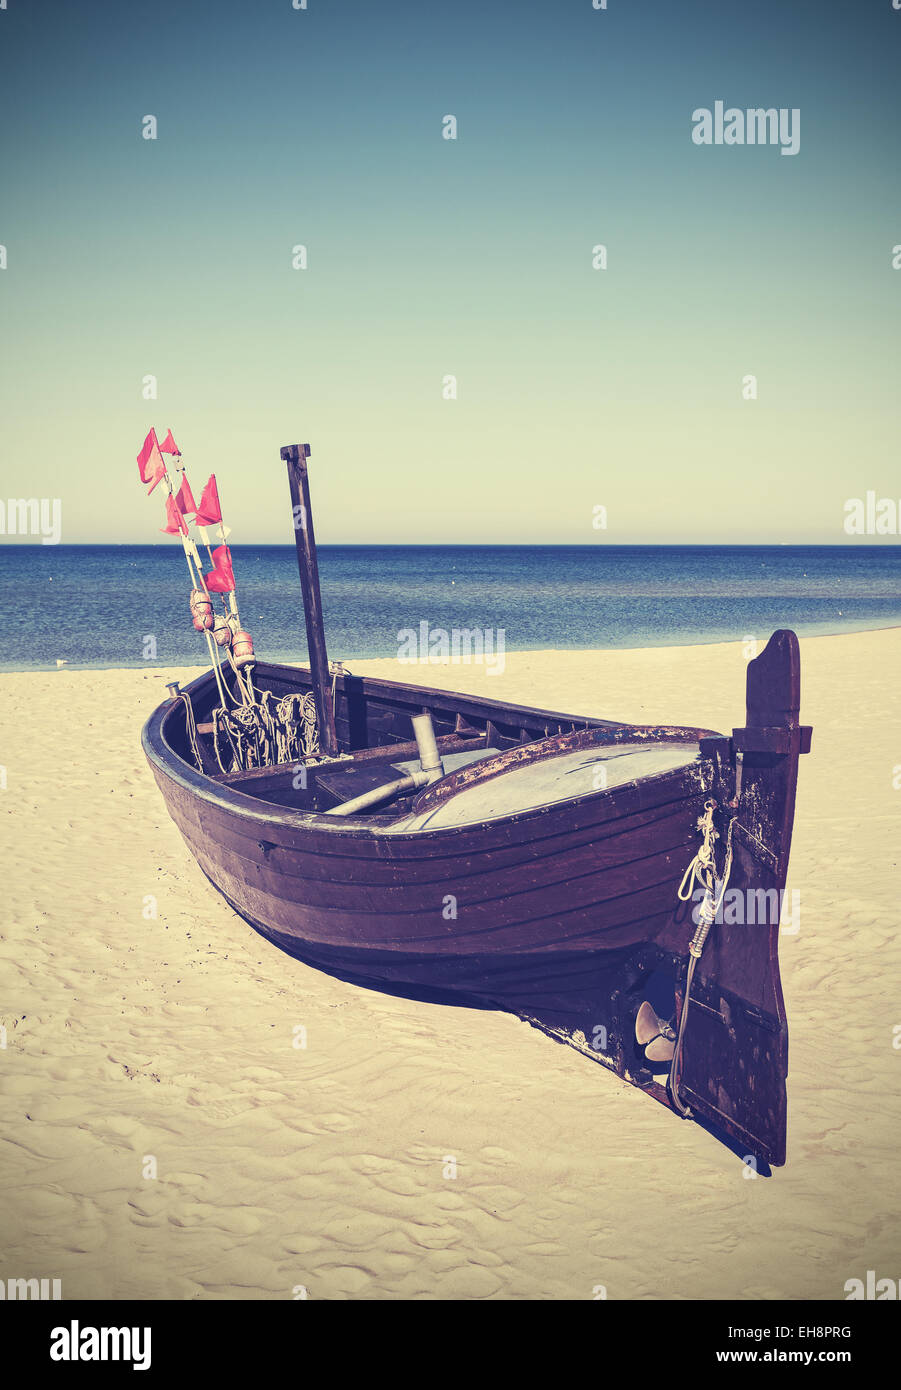 Retro imagen filtrada de barco de pesca en la playa. Imagen De Stock